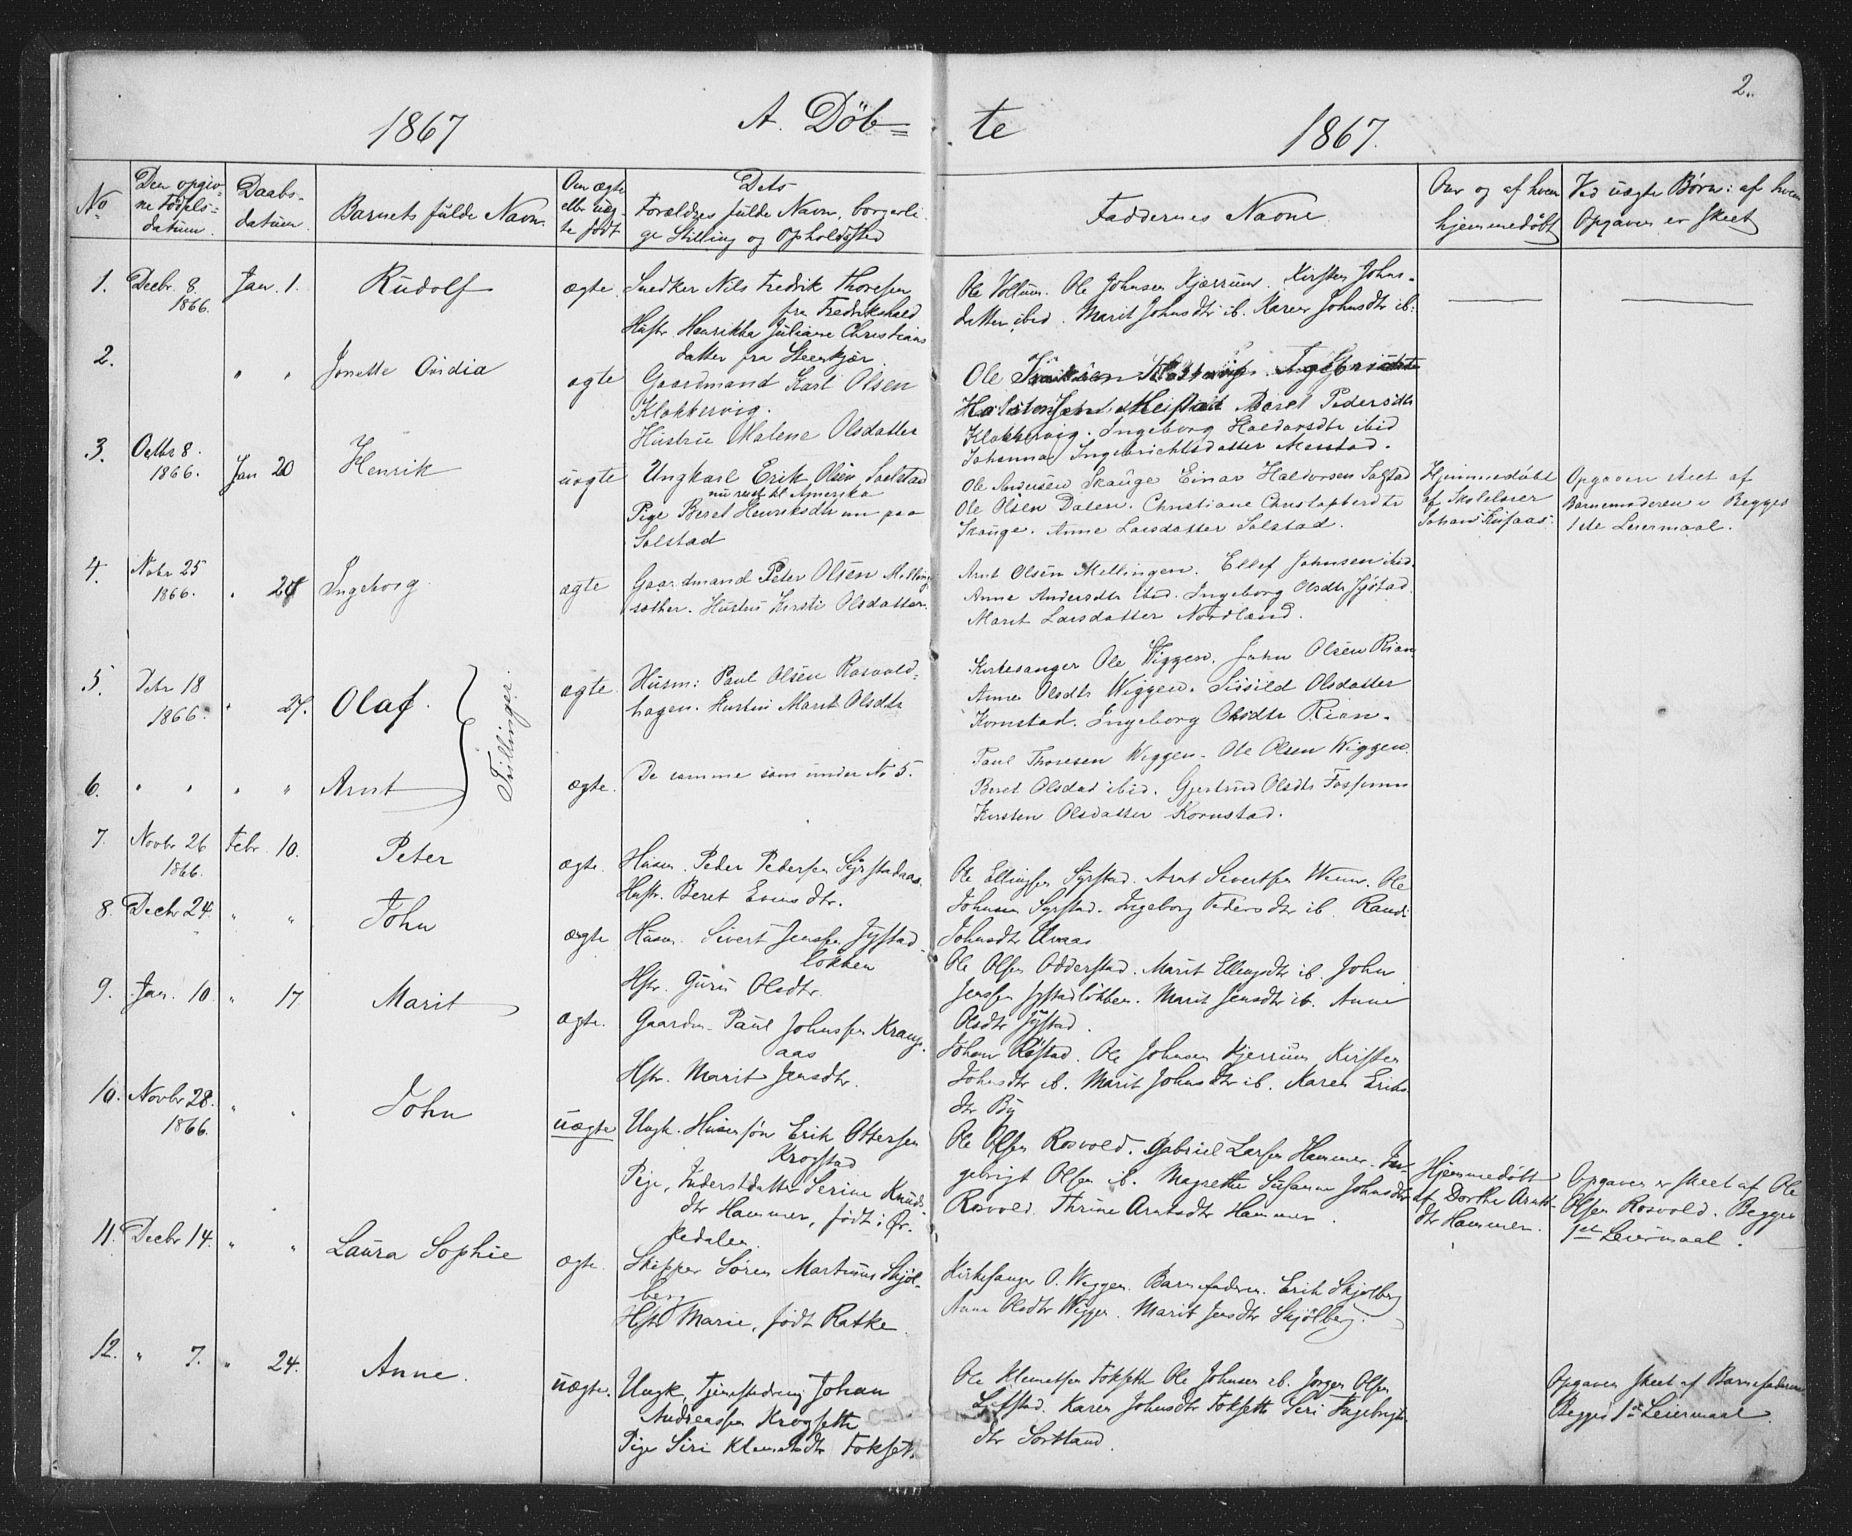 SAT, Ministerialprotokoller, klokkerbøker og fødselsregistre - Sør-Trøndelag, 667/L0798: Klokkerbok nr. 667C03, 1867-1929, s. 2